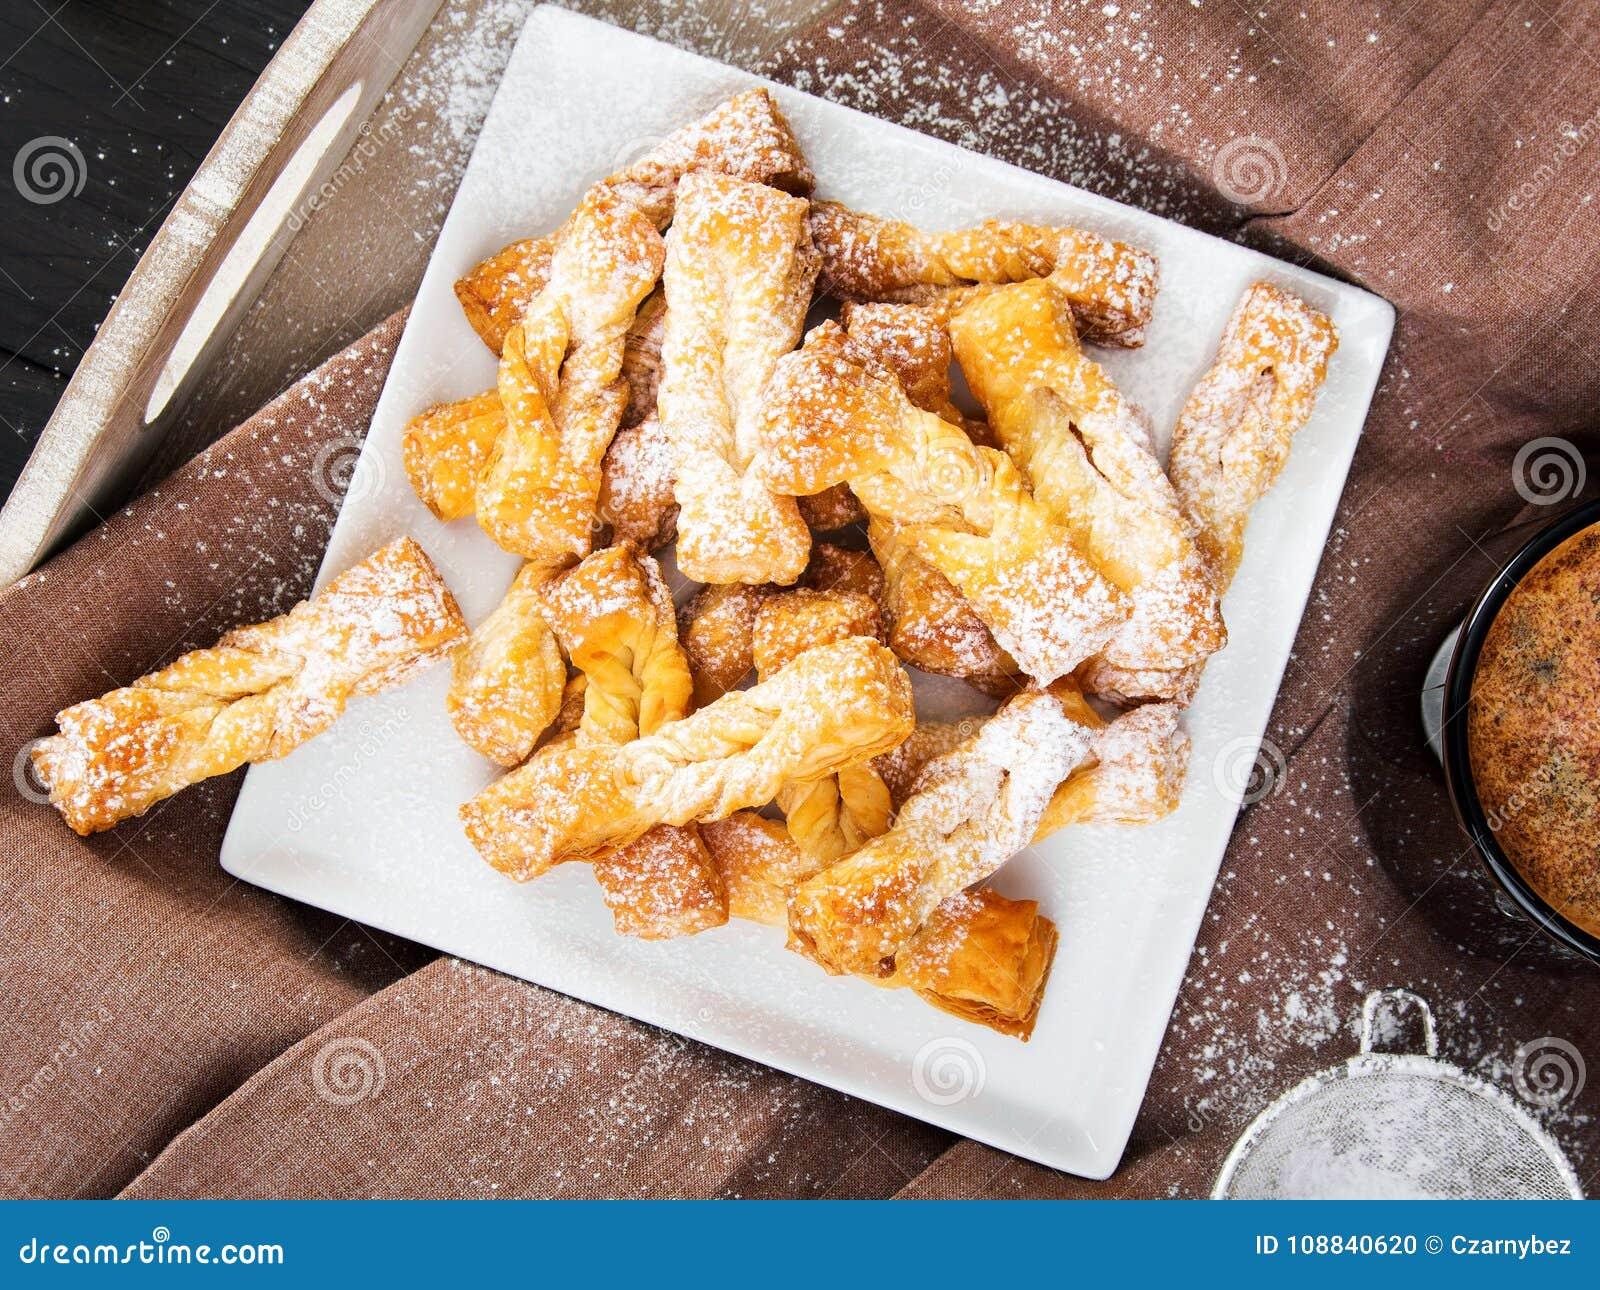 Faworki - traditionella polska kakor som tjänas som på feta torsdag